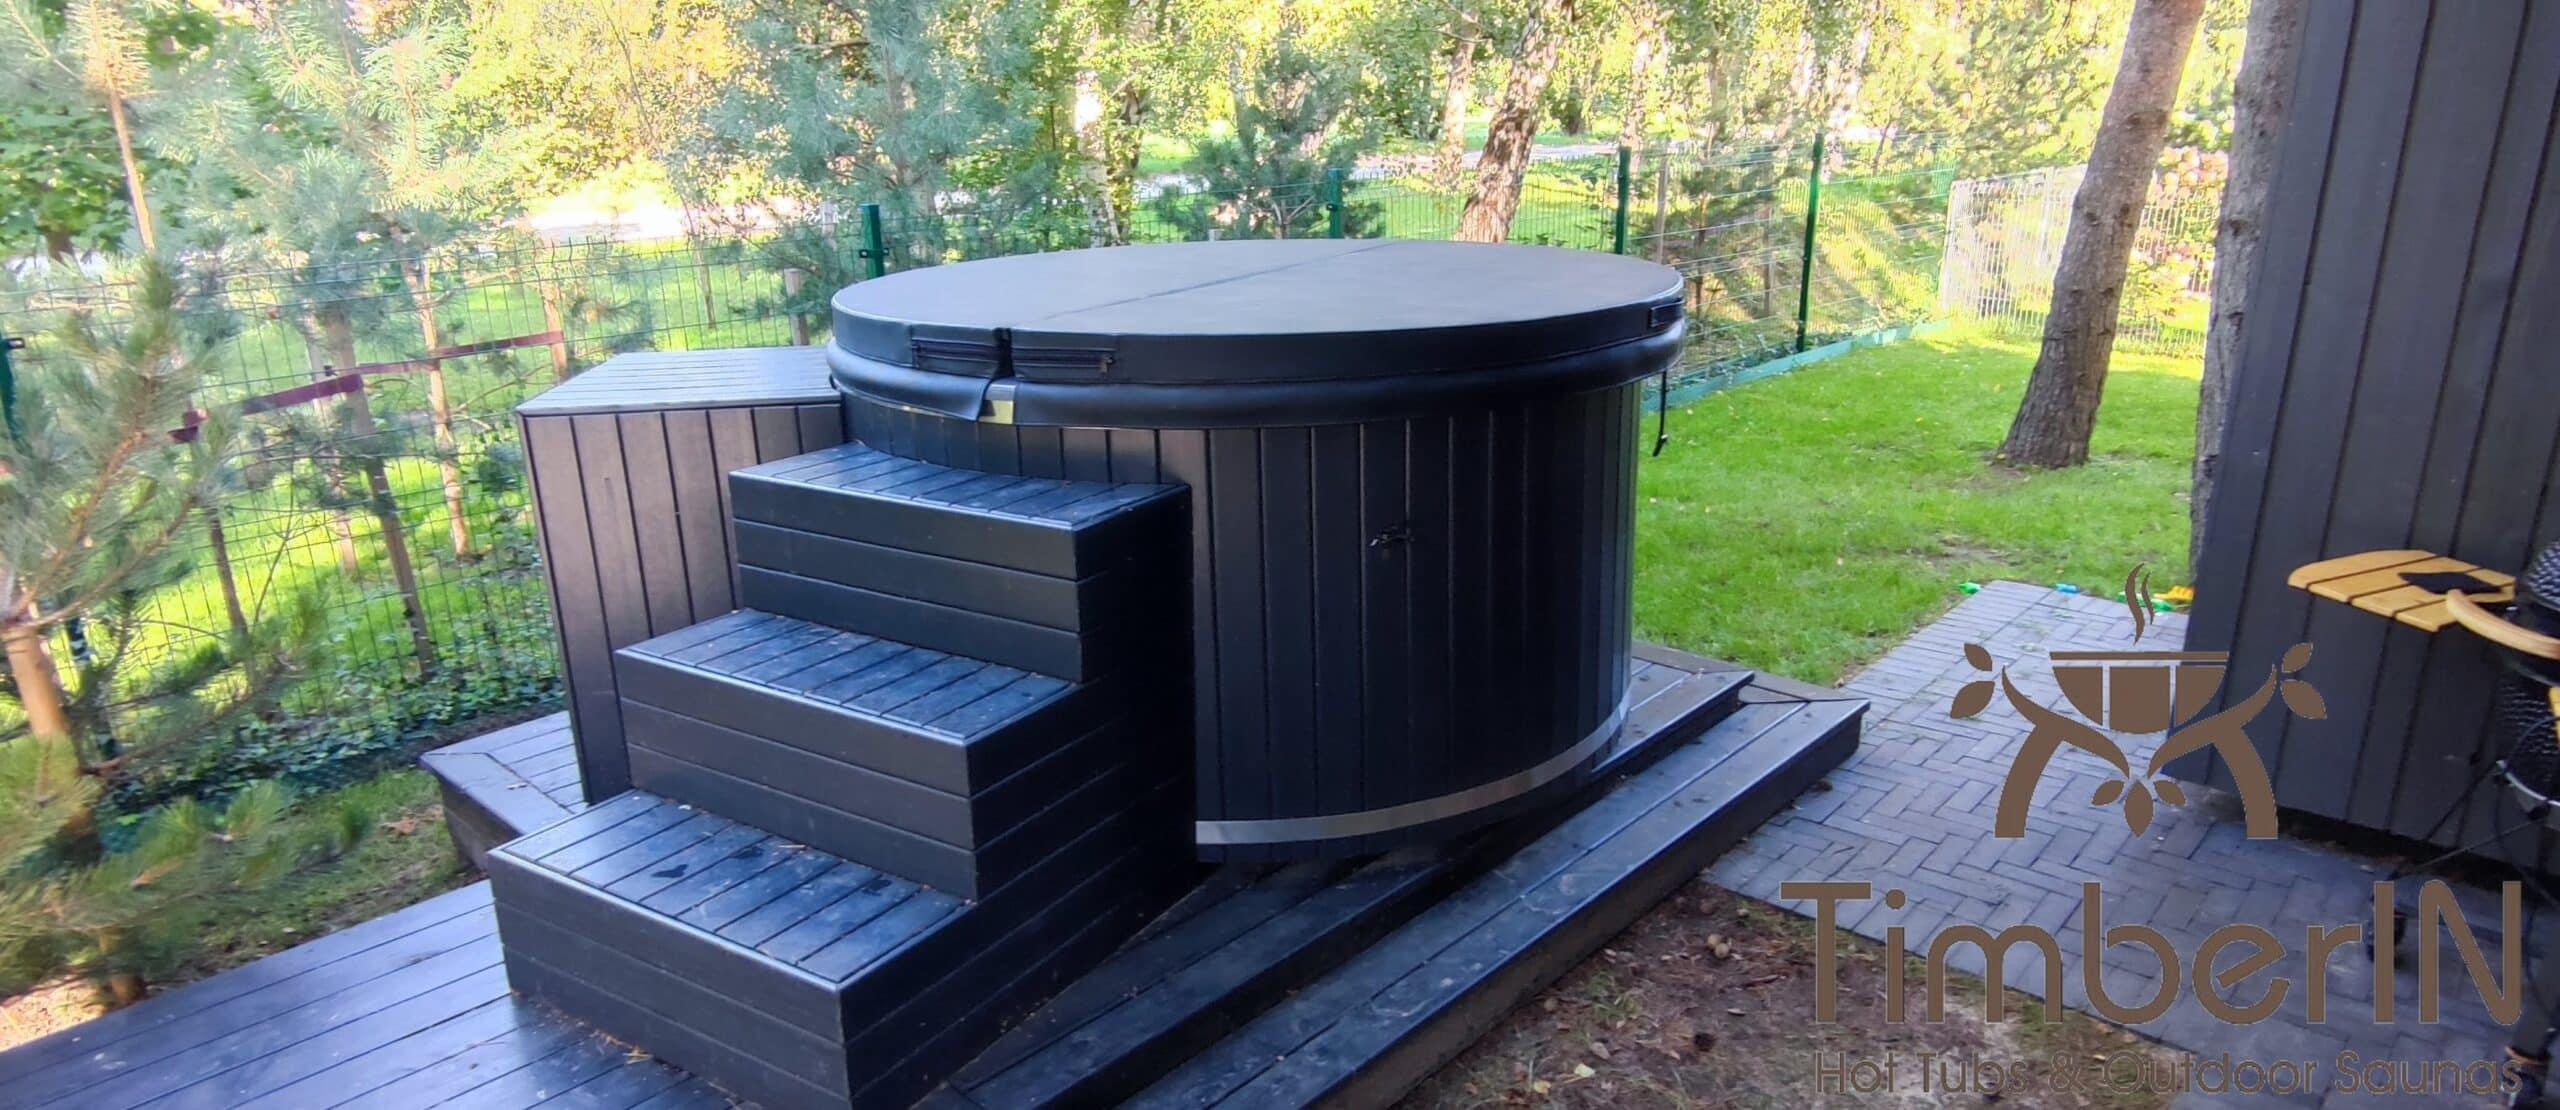 Badezuber elektrisch beheizt mit Elektroheizung 12 scaled